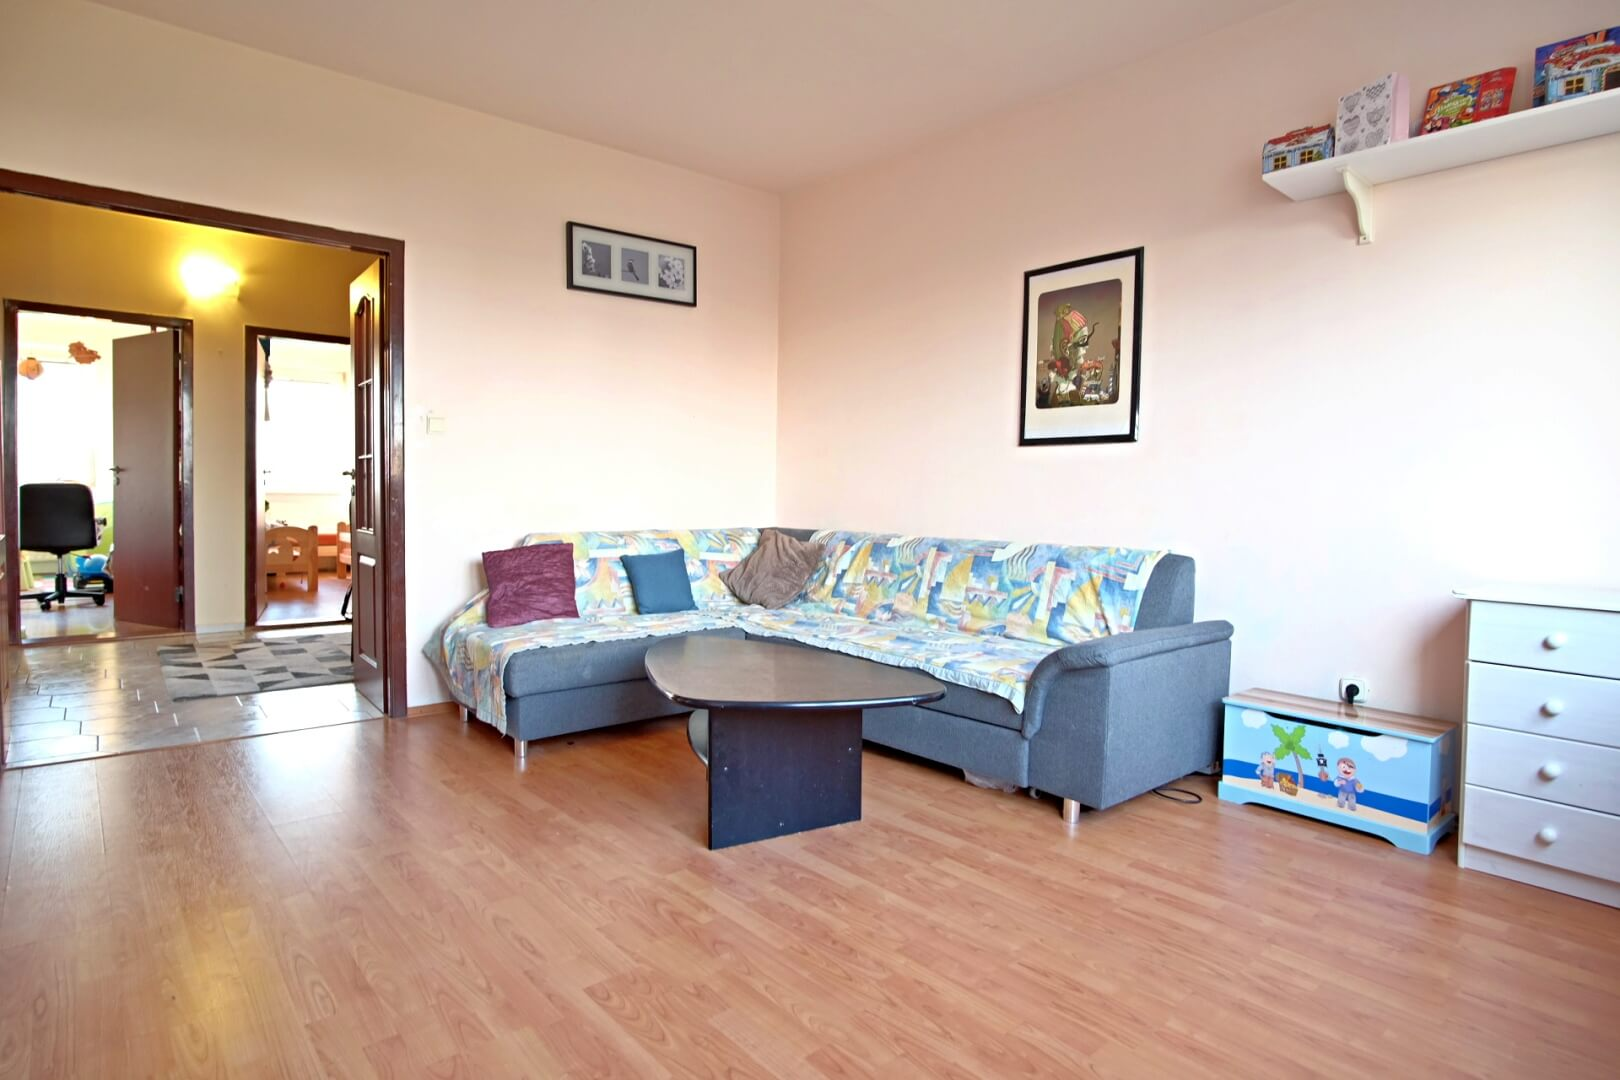 PREDANÉ – Na predaj zariadený 4 izbový byt po čiastočnej rekonštrukcii Bratislava- Petržalka.-1